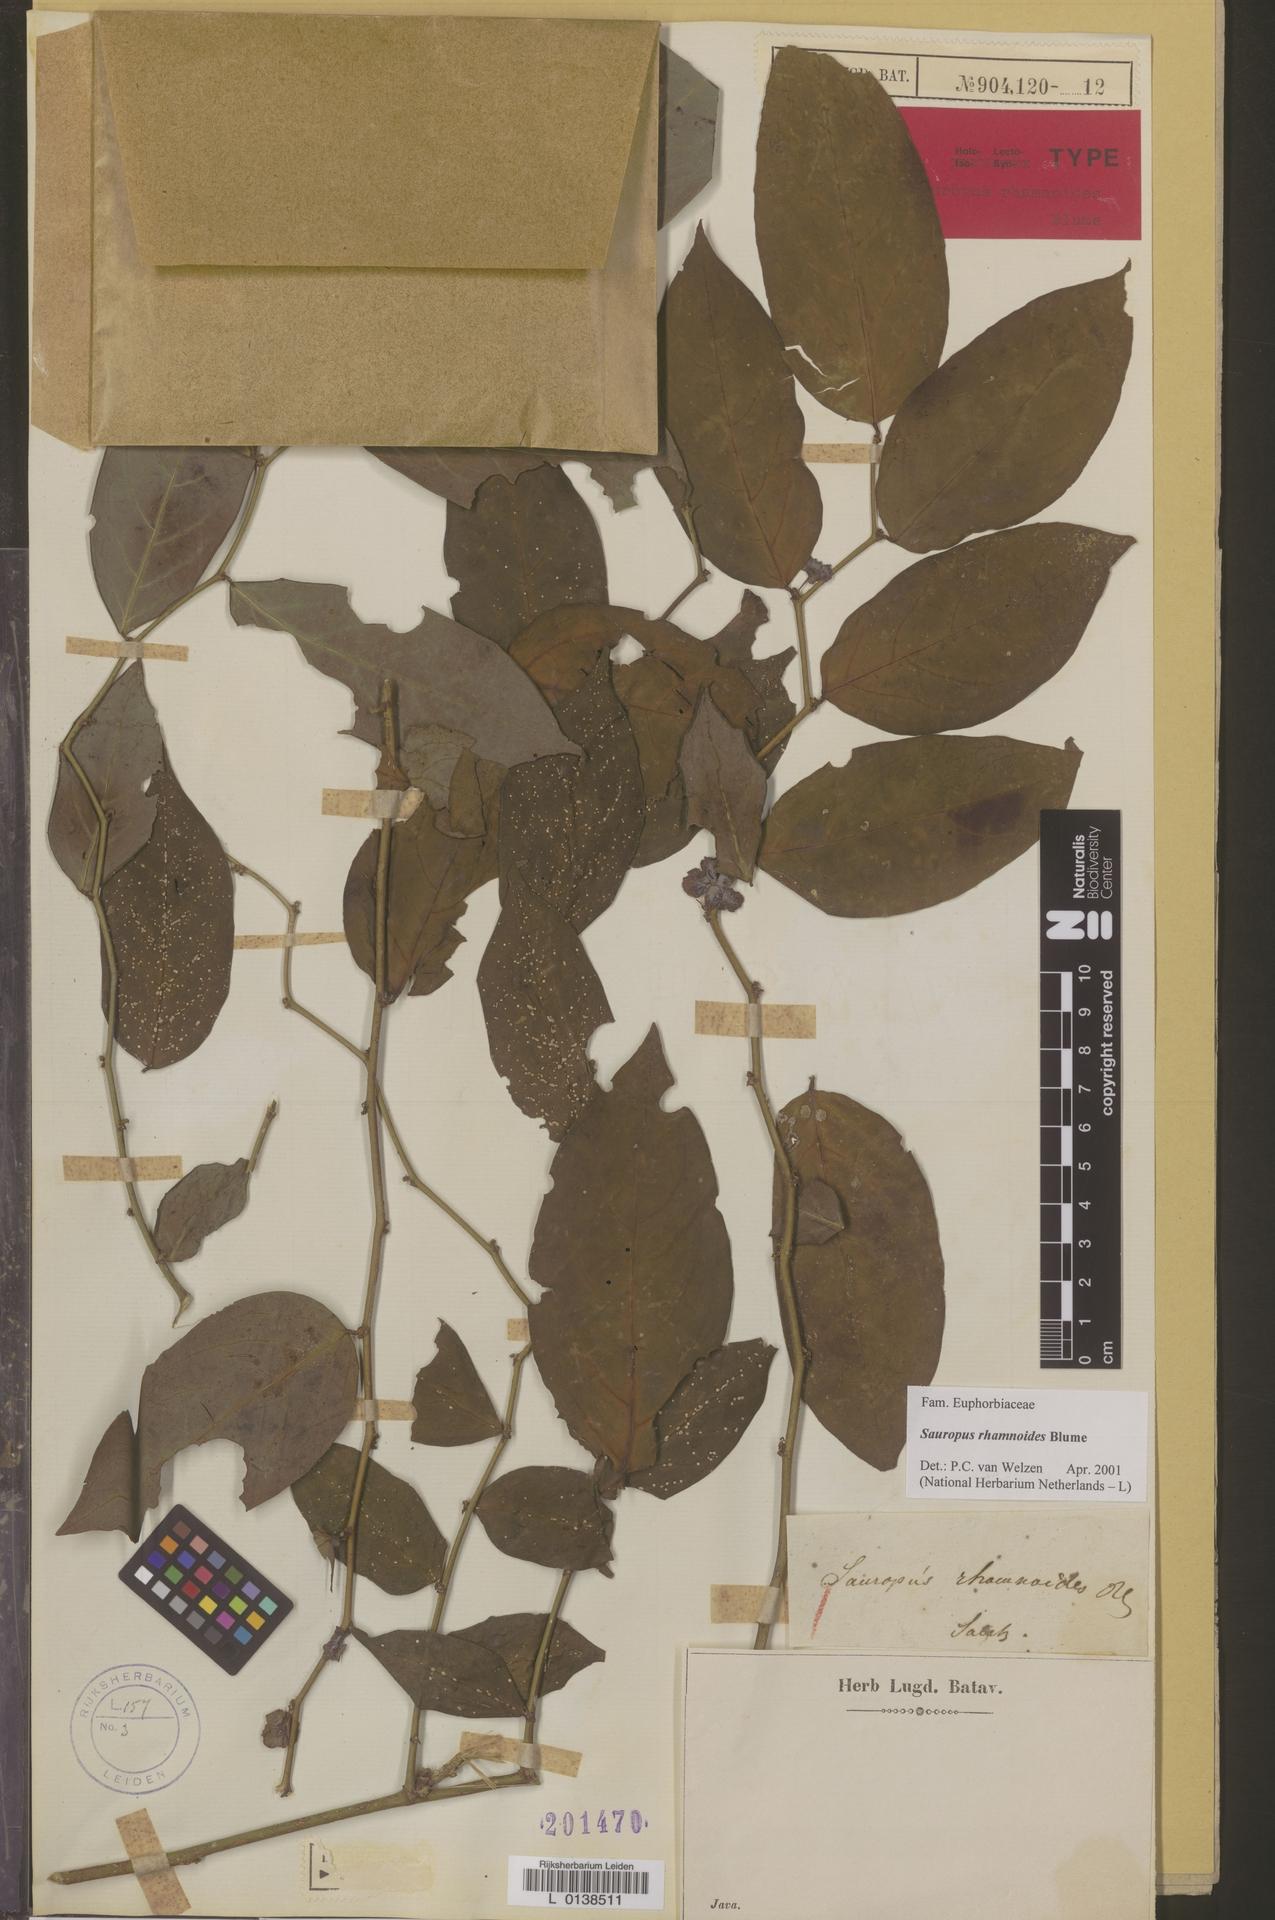 L  0138511 | Sauropus rhamnoides Blume